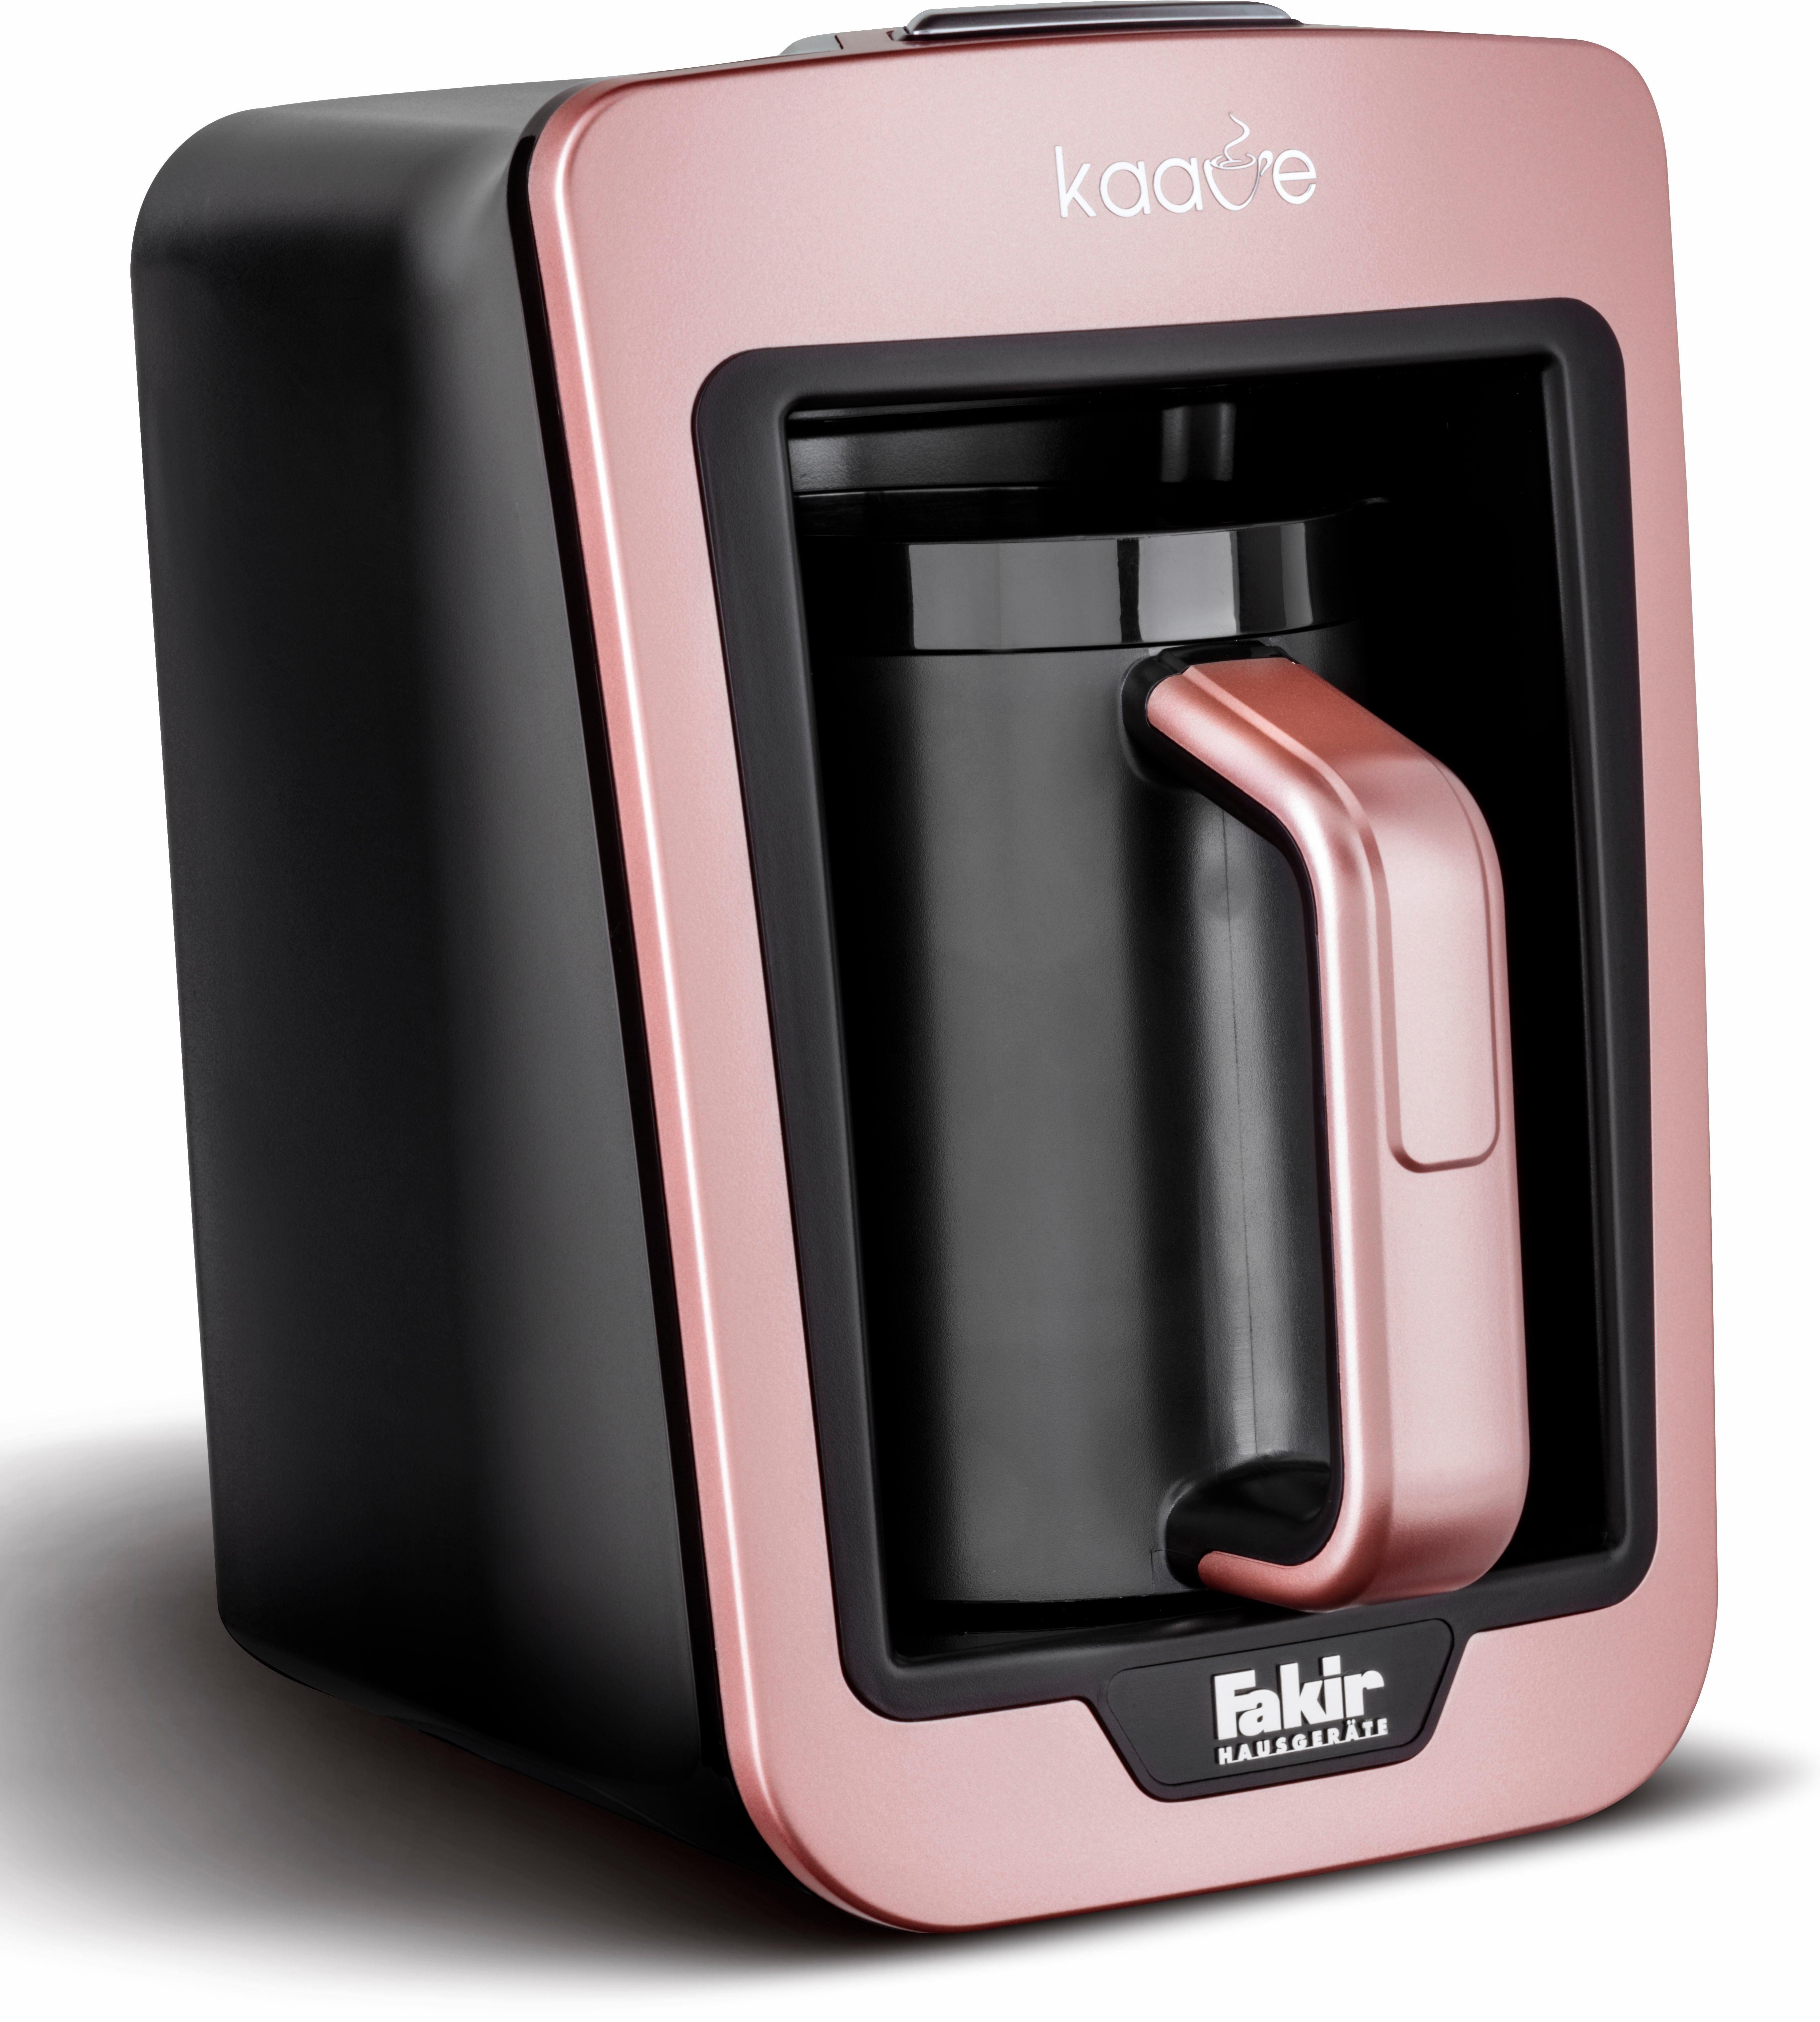 FAKIR Mokkamaschine Kaave 9176003, 0,28l Kaffeekanne, beleuchteter Kochraum